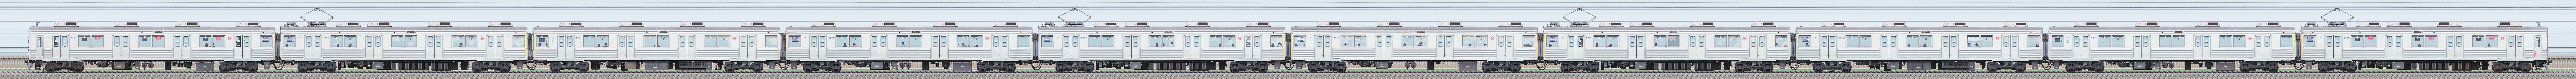 東急8500系8631編成(山側)の編成サイドビュー